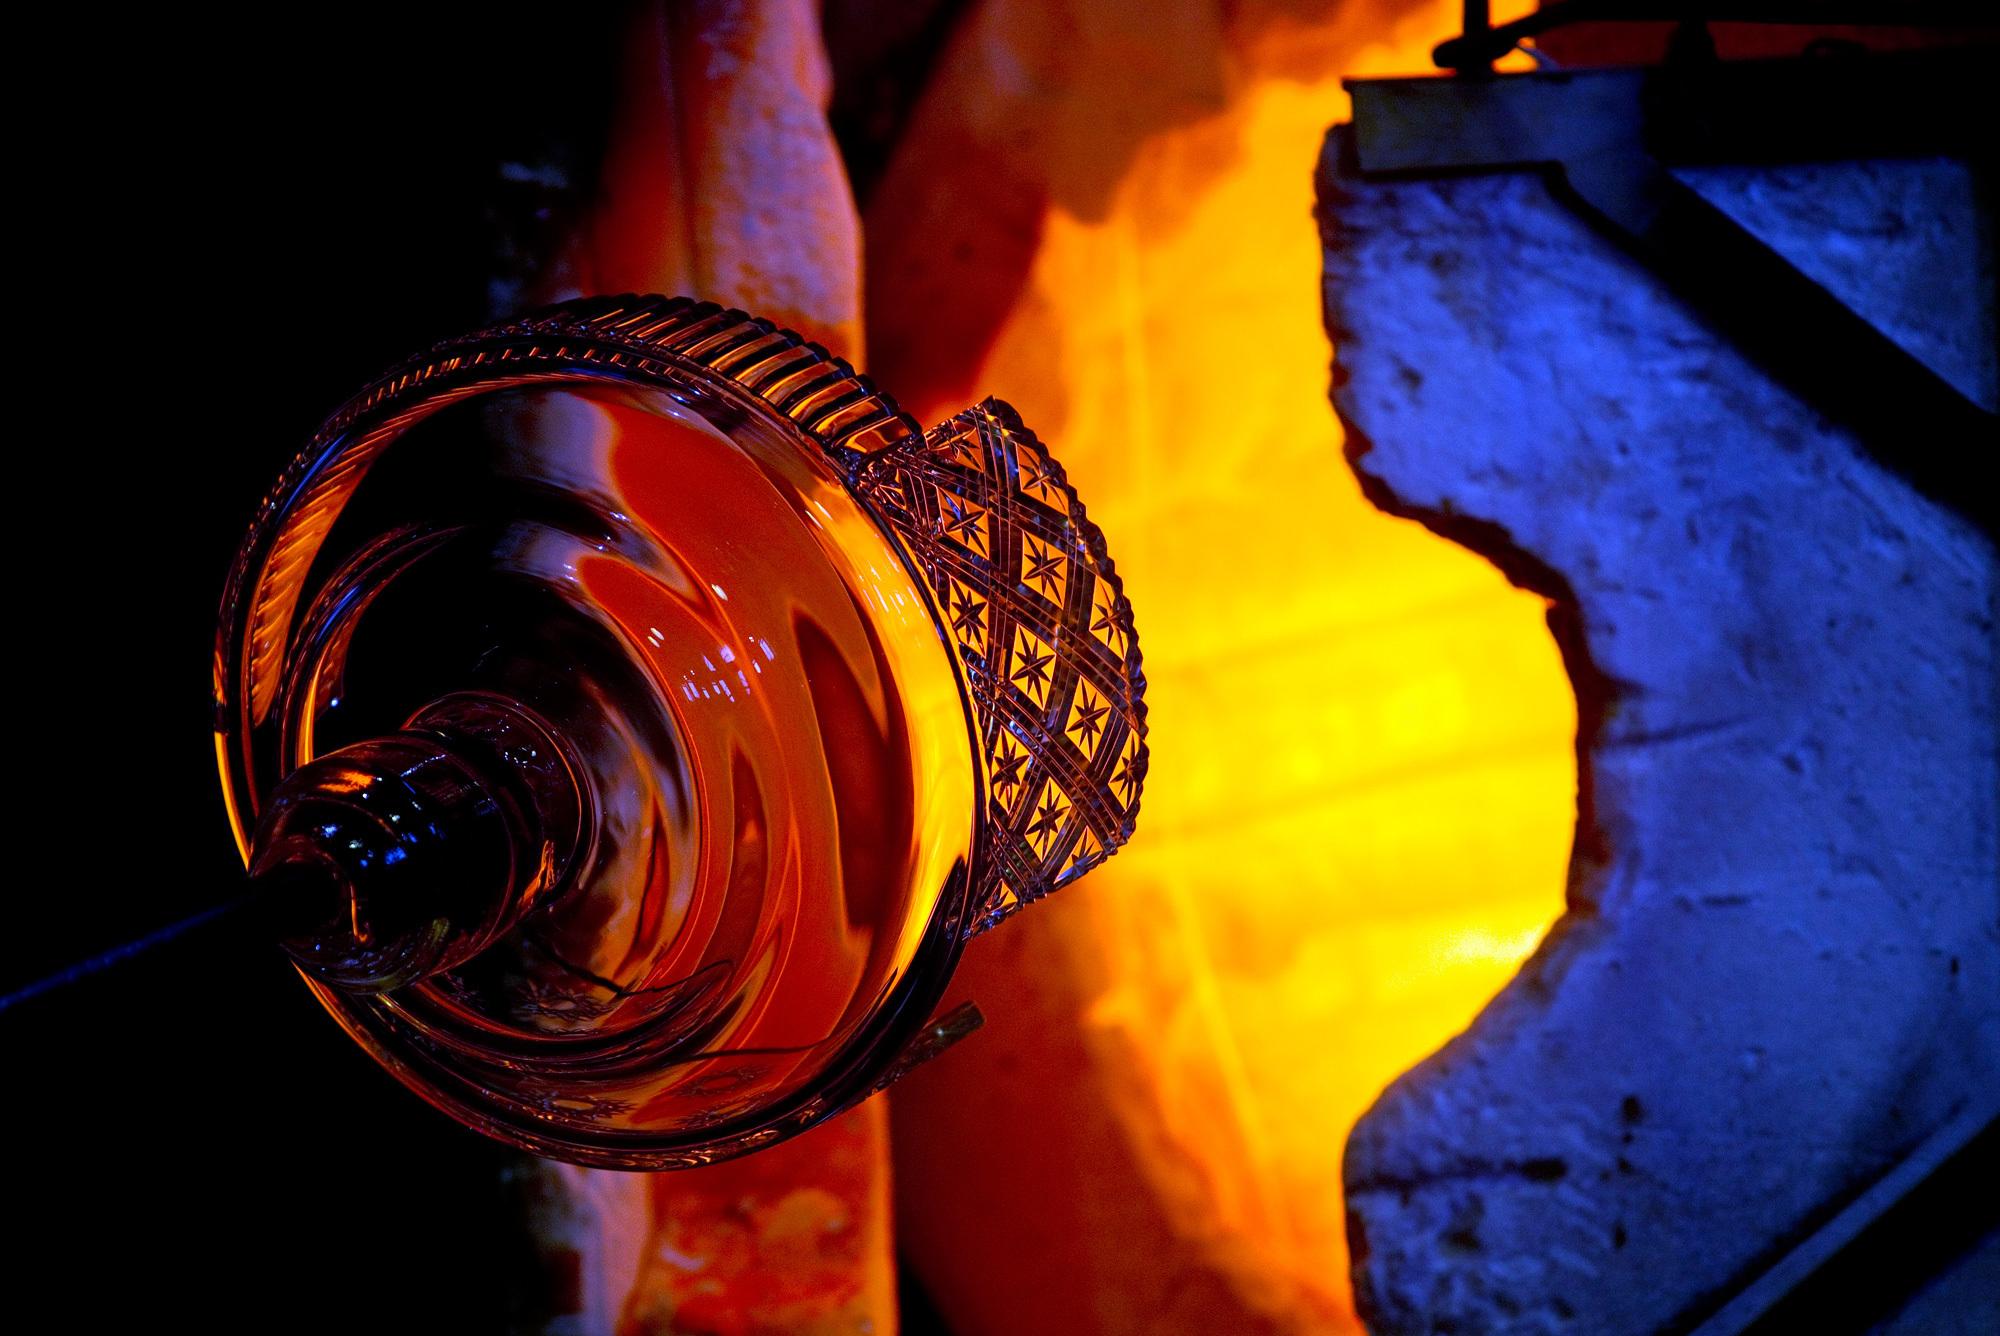 Making of ... Lasvit. Glasblasen ist eine hohe Kunst und gleichzeitig ein ... Foto/ Copyright: Lasvit